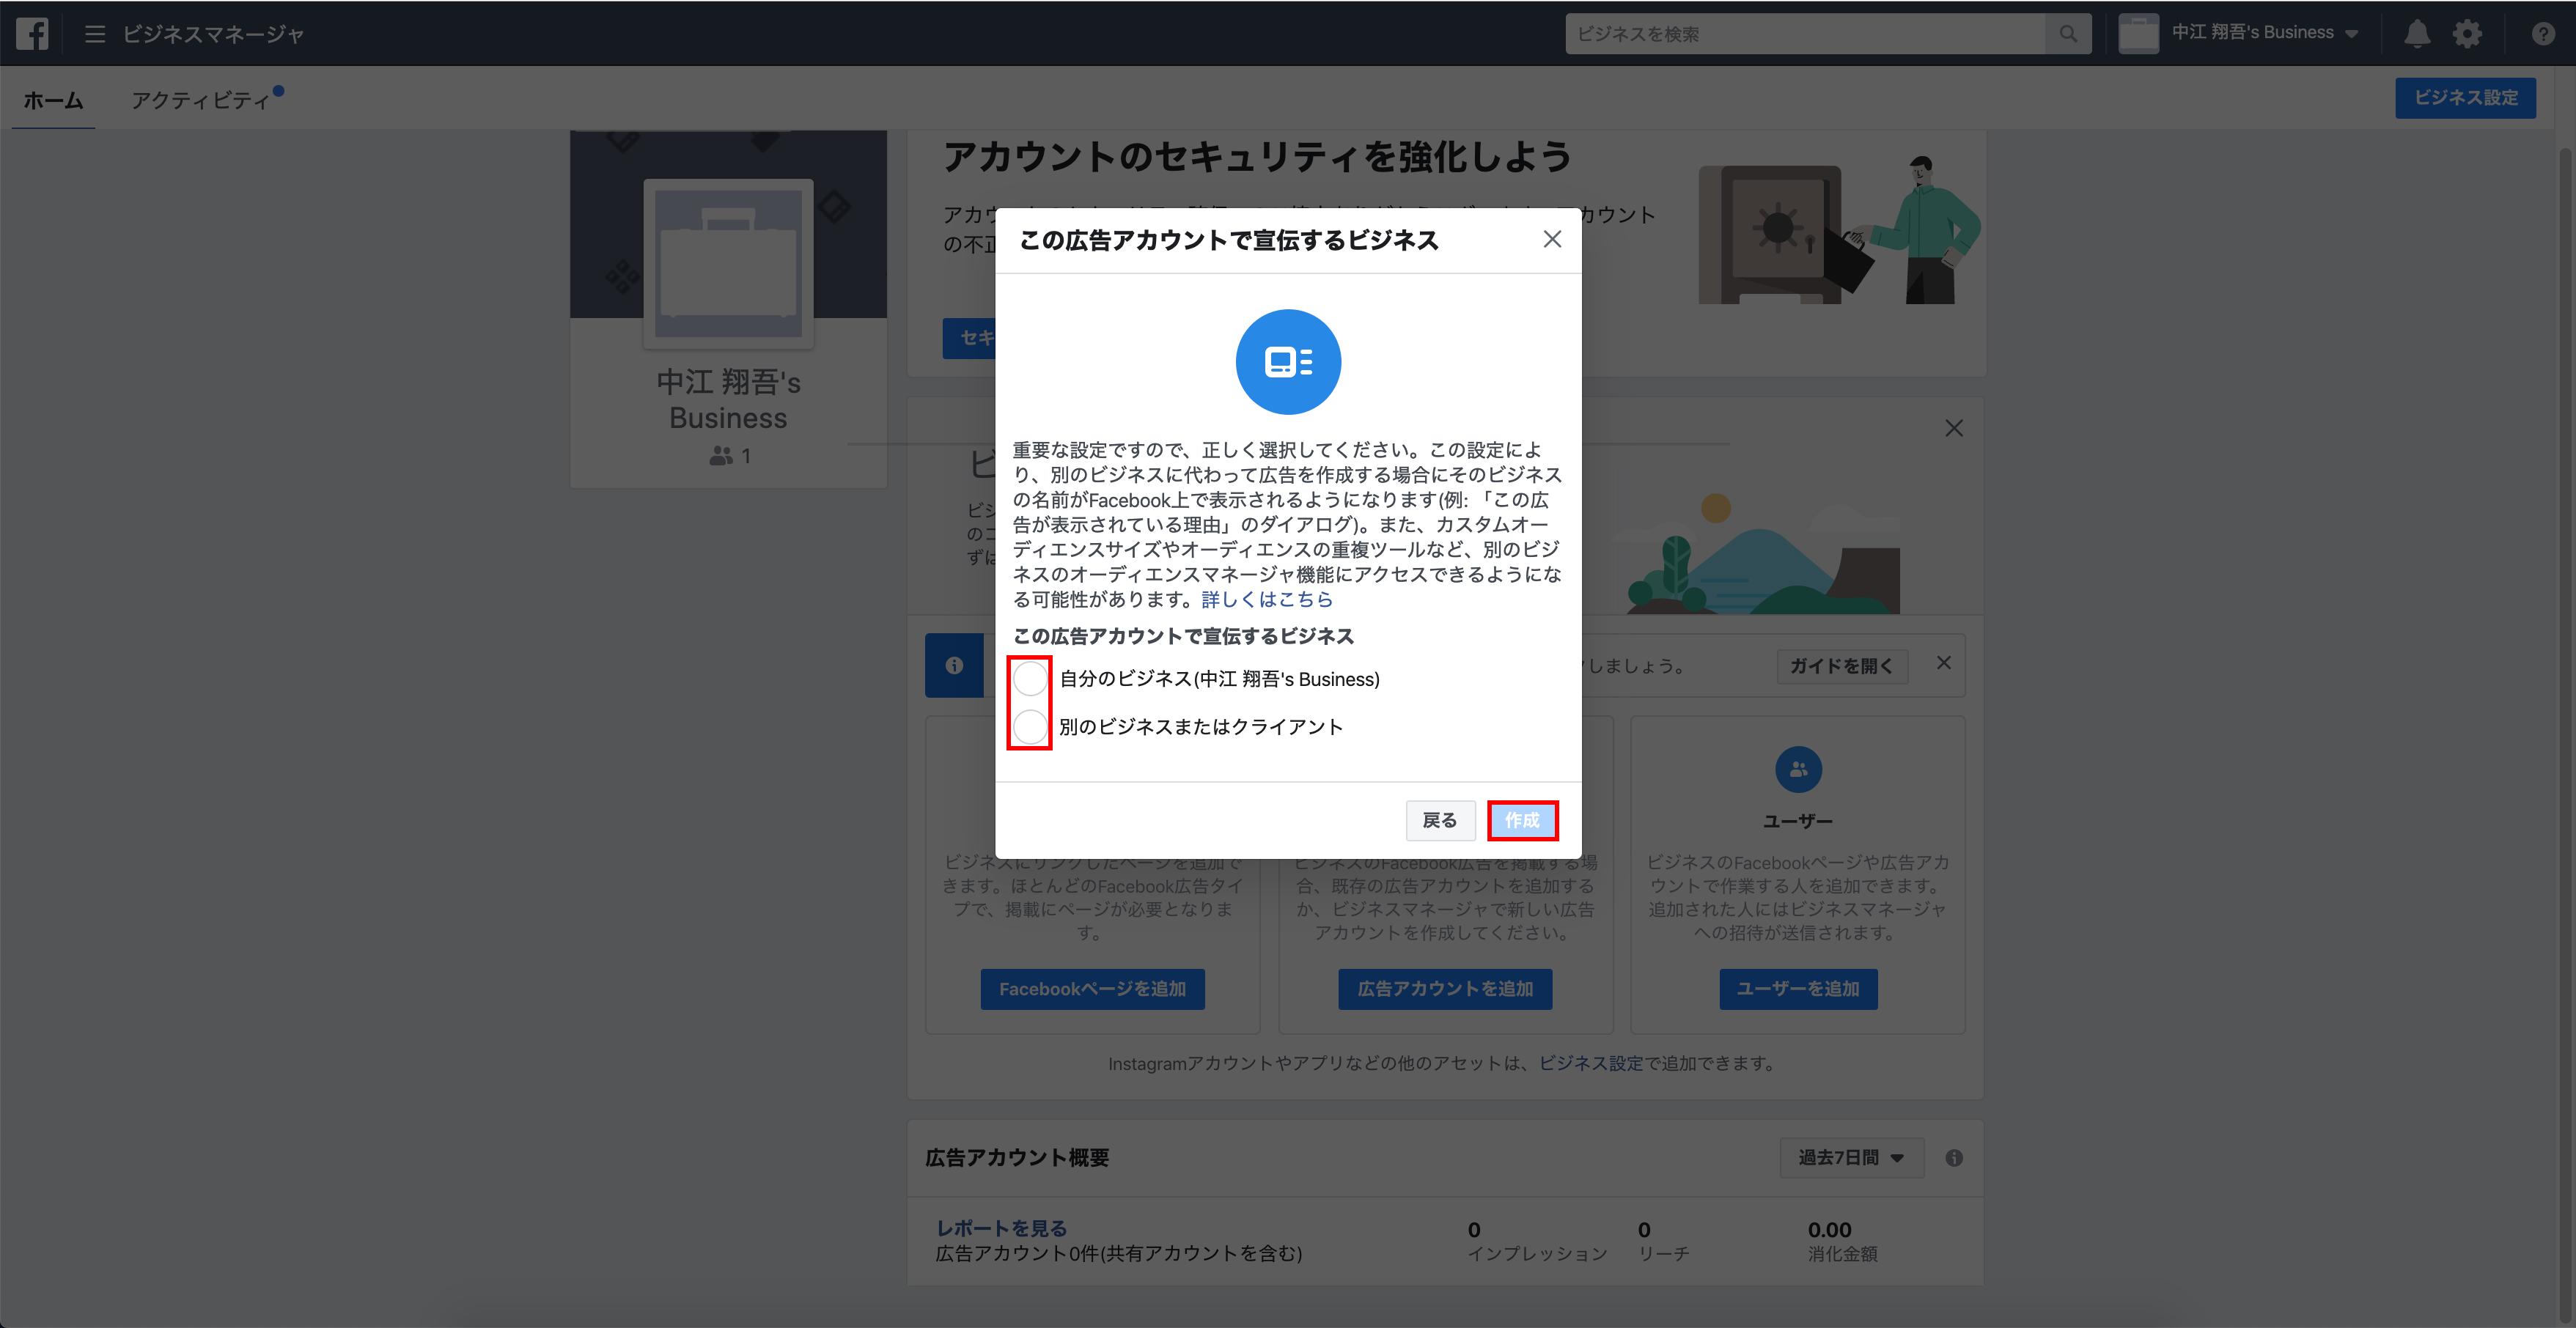 広告アカウントの使用用途の選択